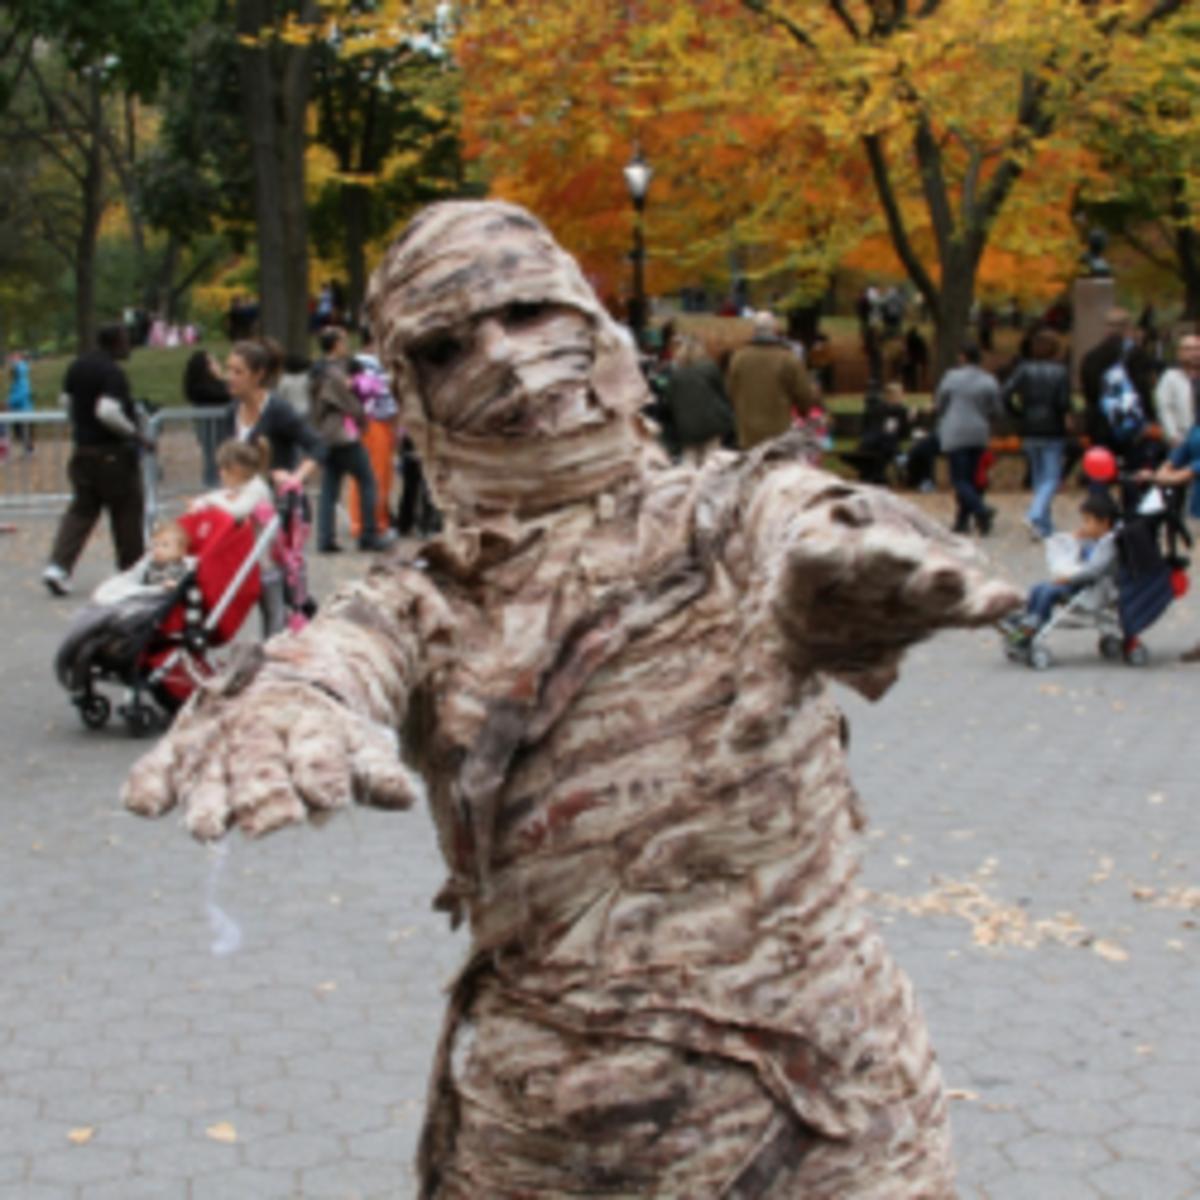 ★ Homemade Mummy Costume Ideas | Halloween Fancy Dress For Men, Women & Kids ★